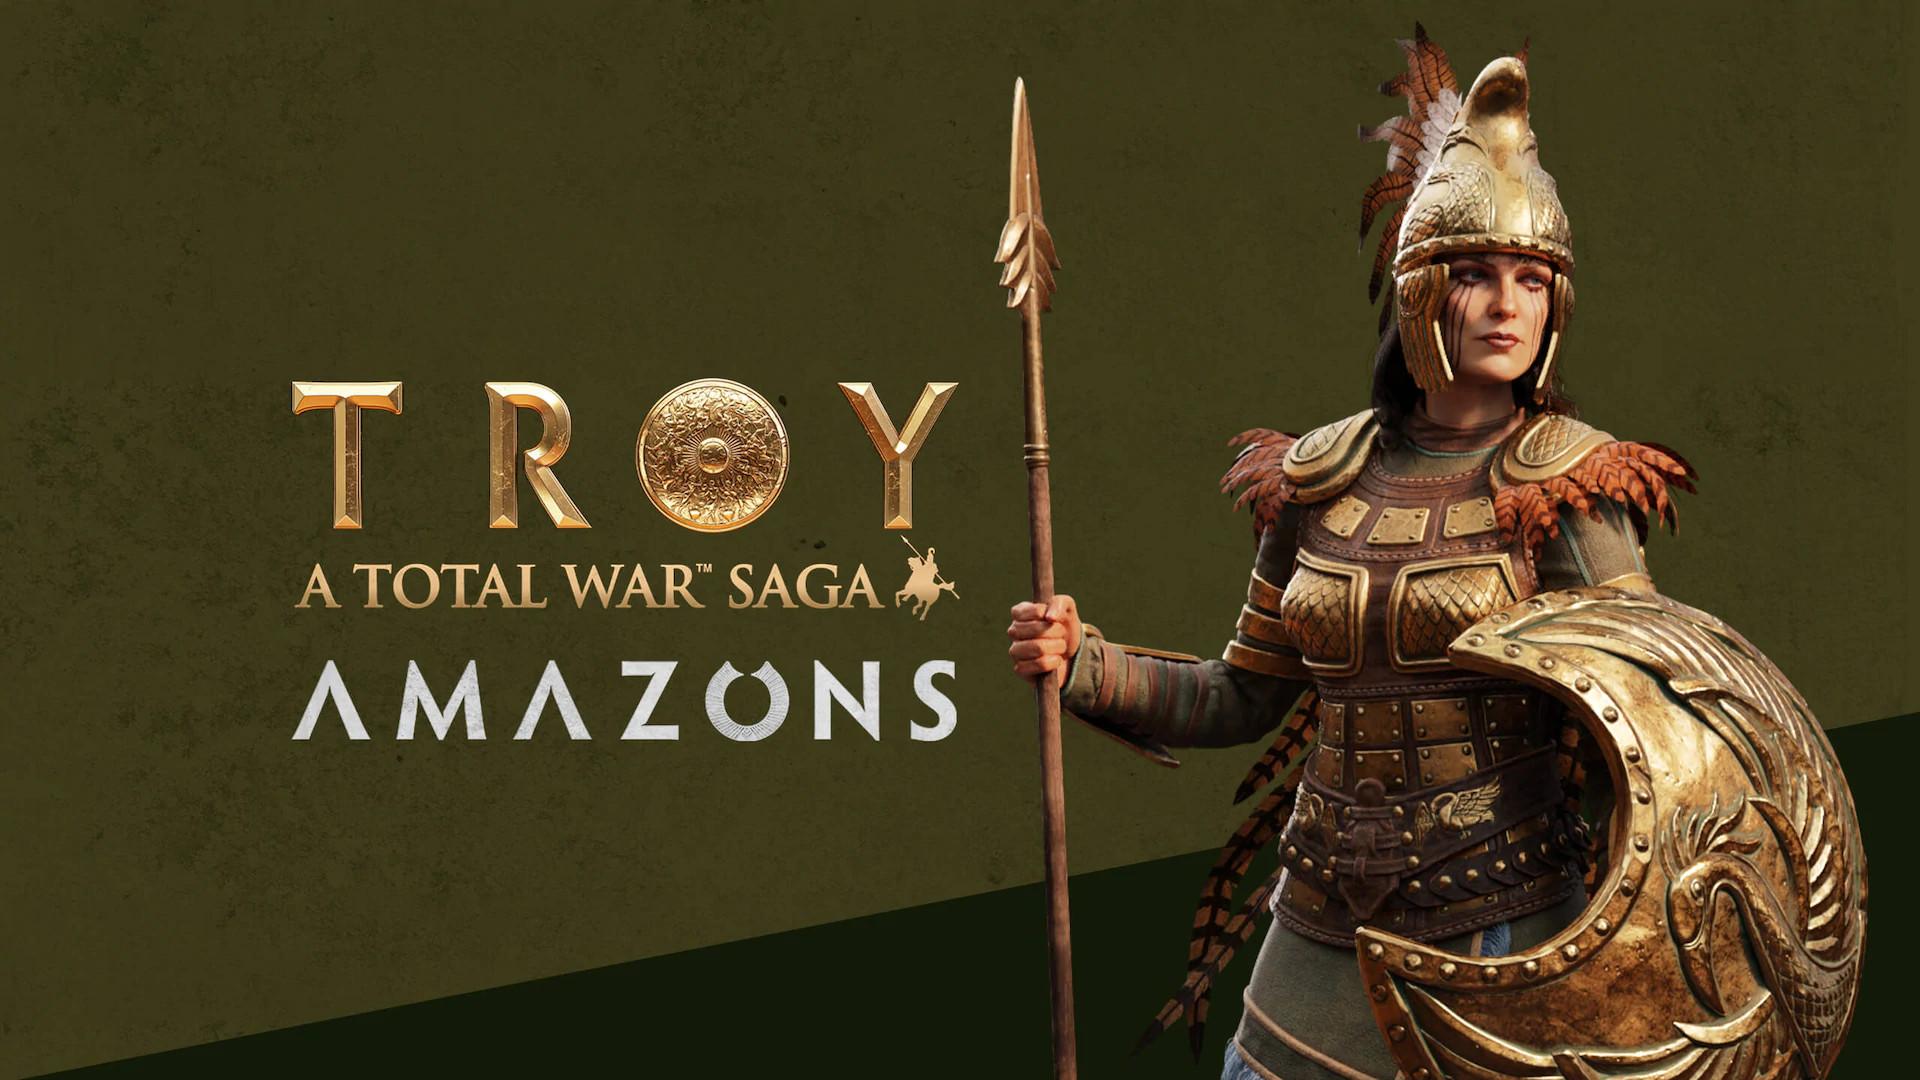 total war troy amazons meniac news